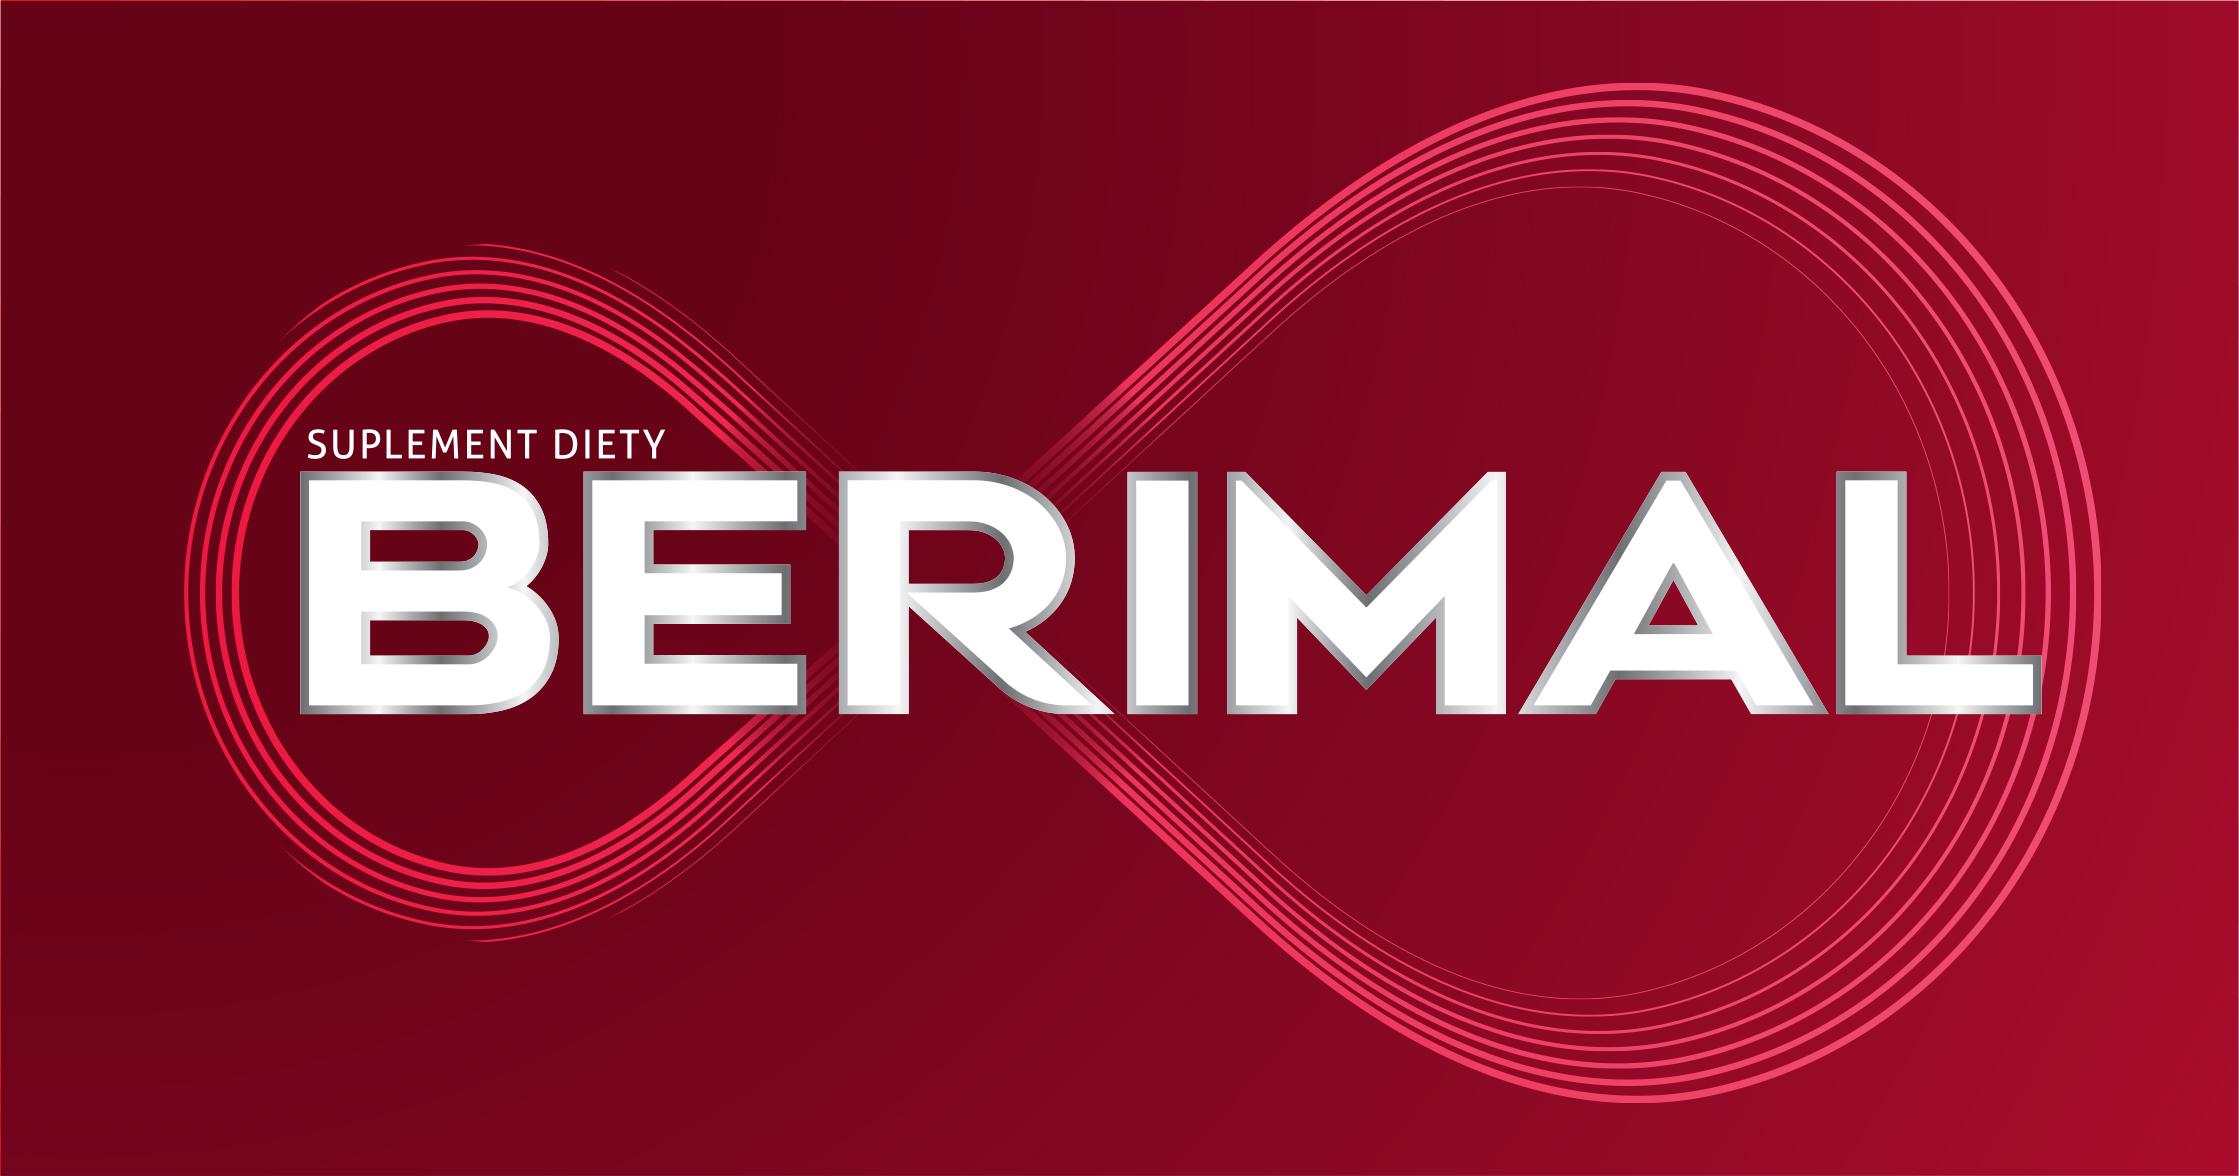 Berimal